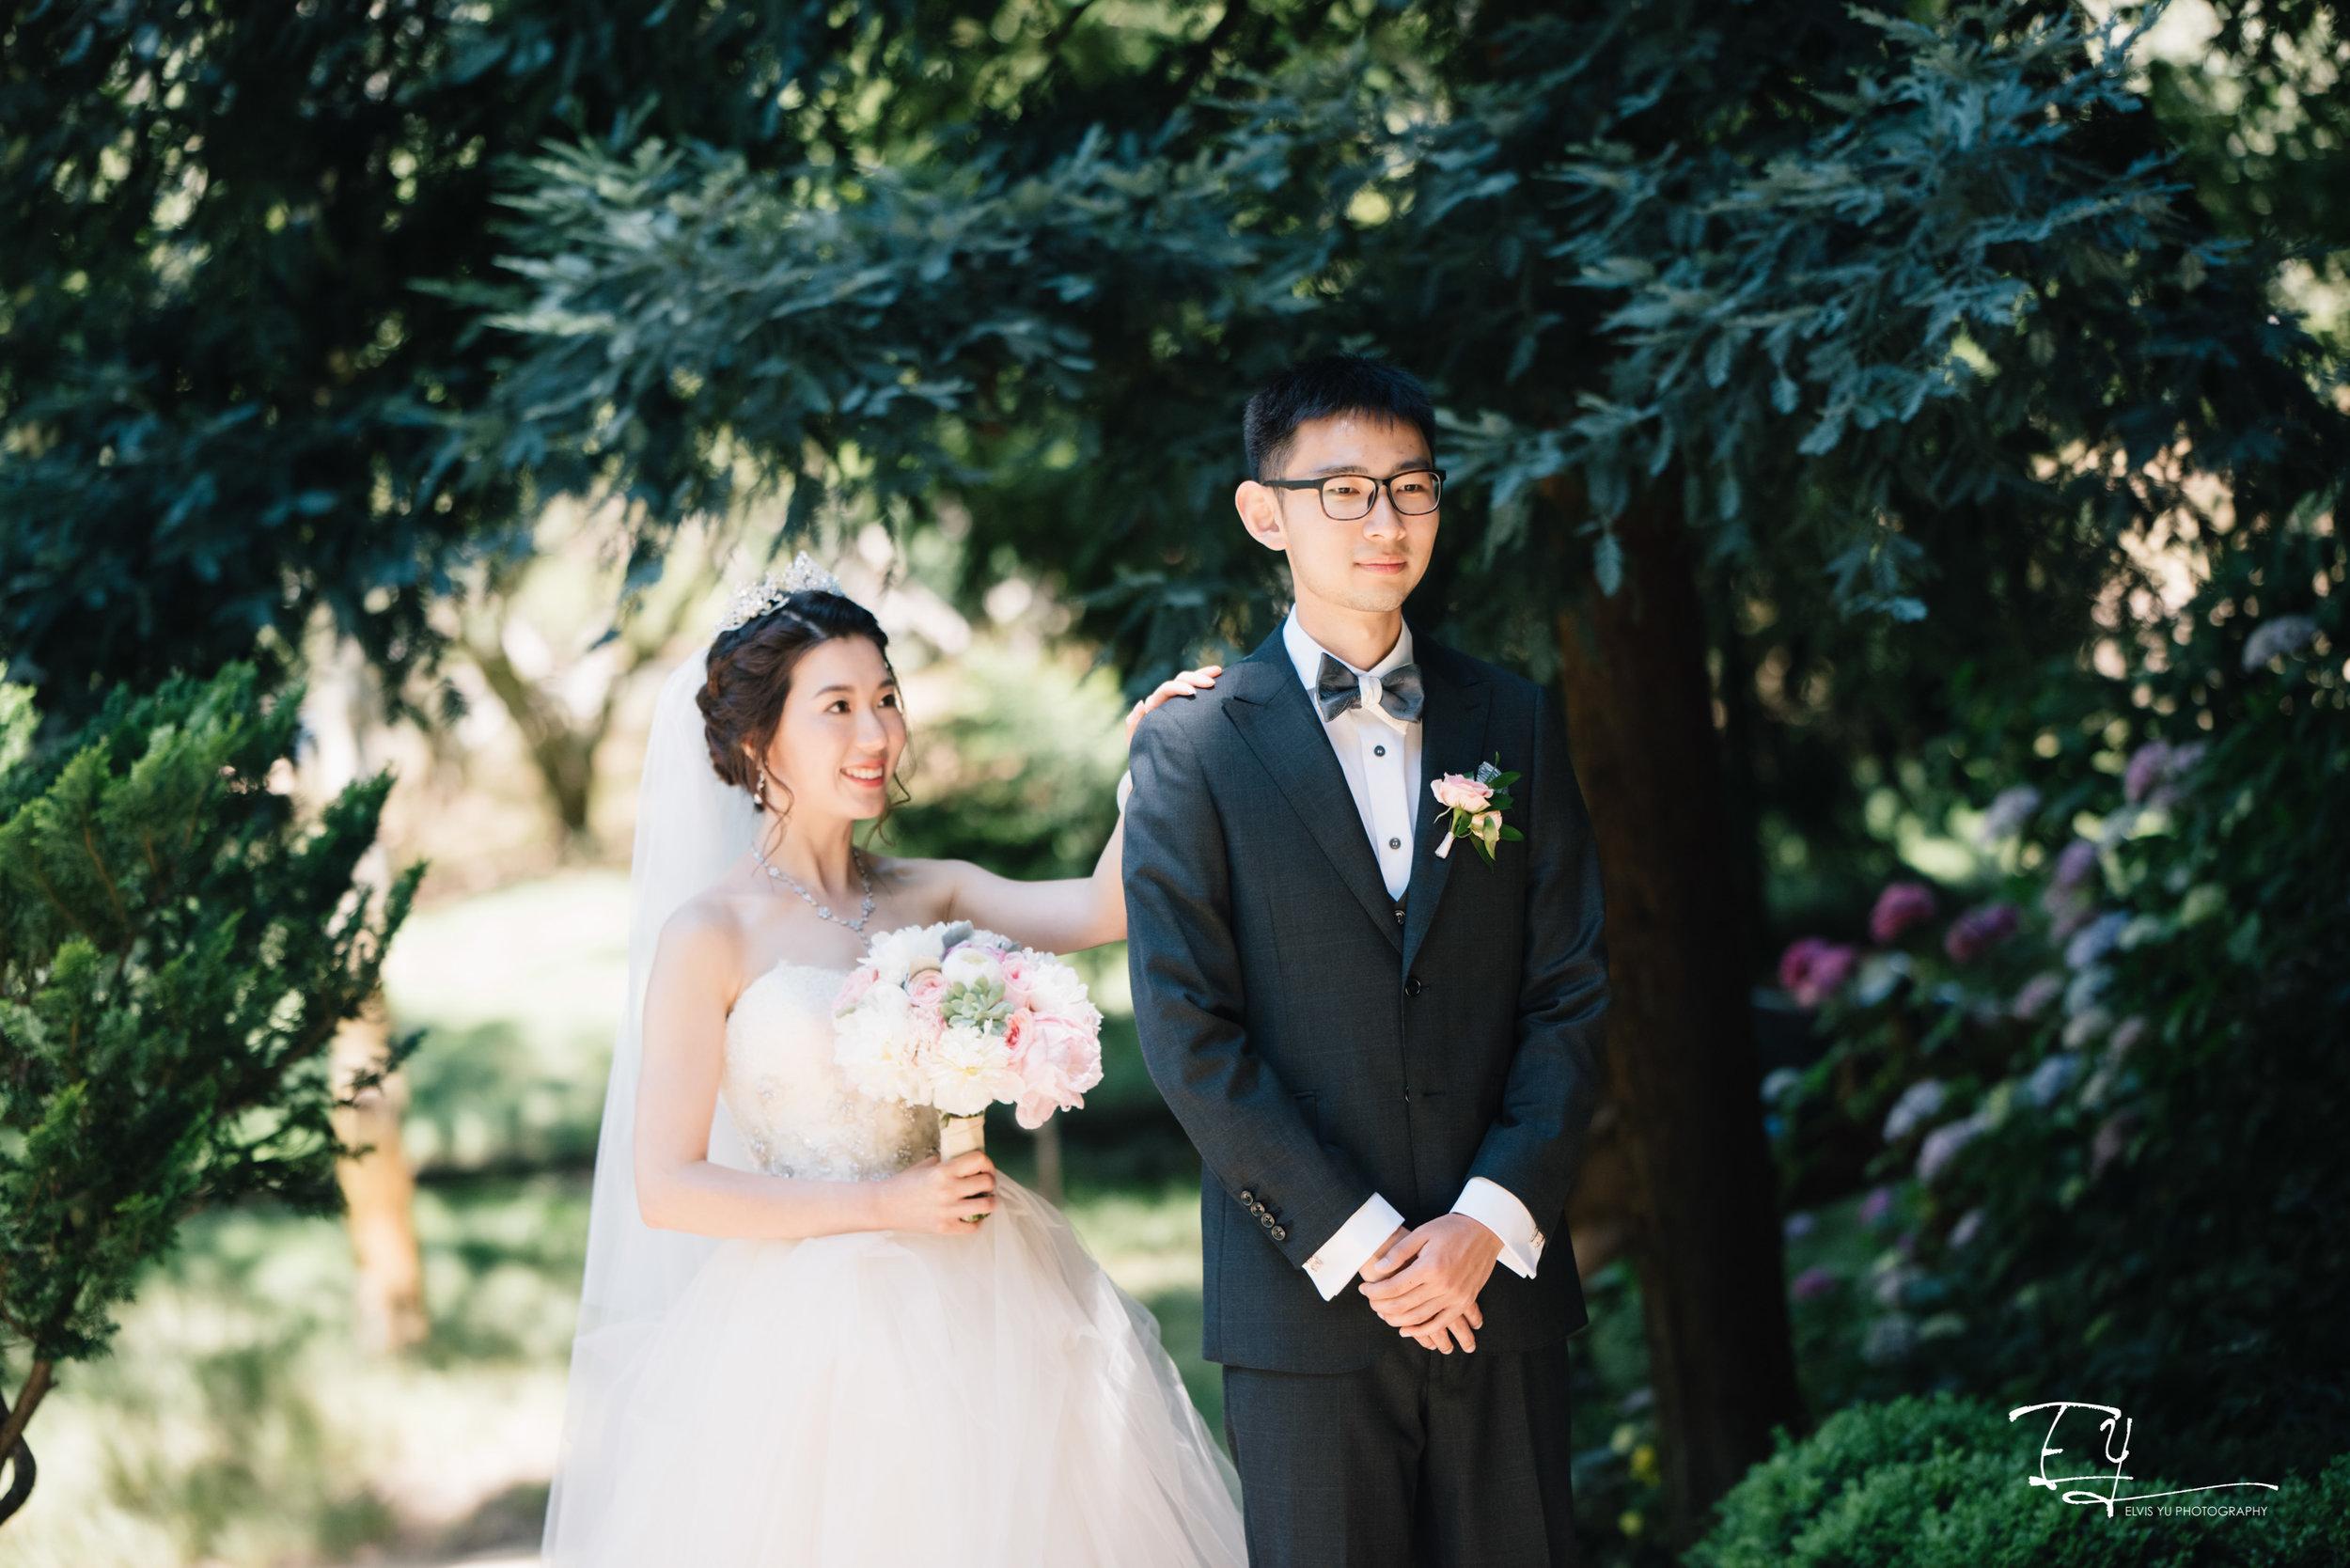 mona-zi-wedding-elvis-yu-photography-nestldown-1.jpg